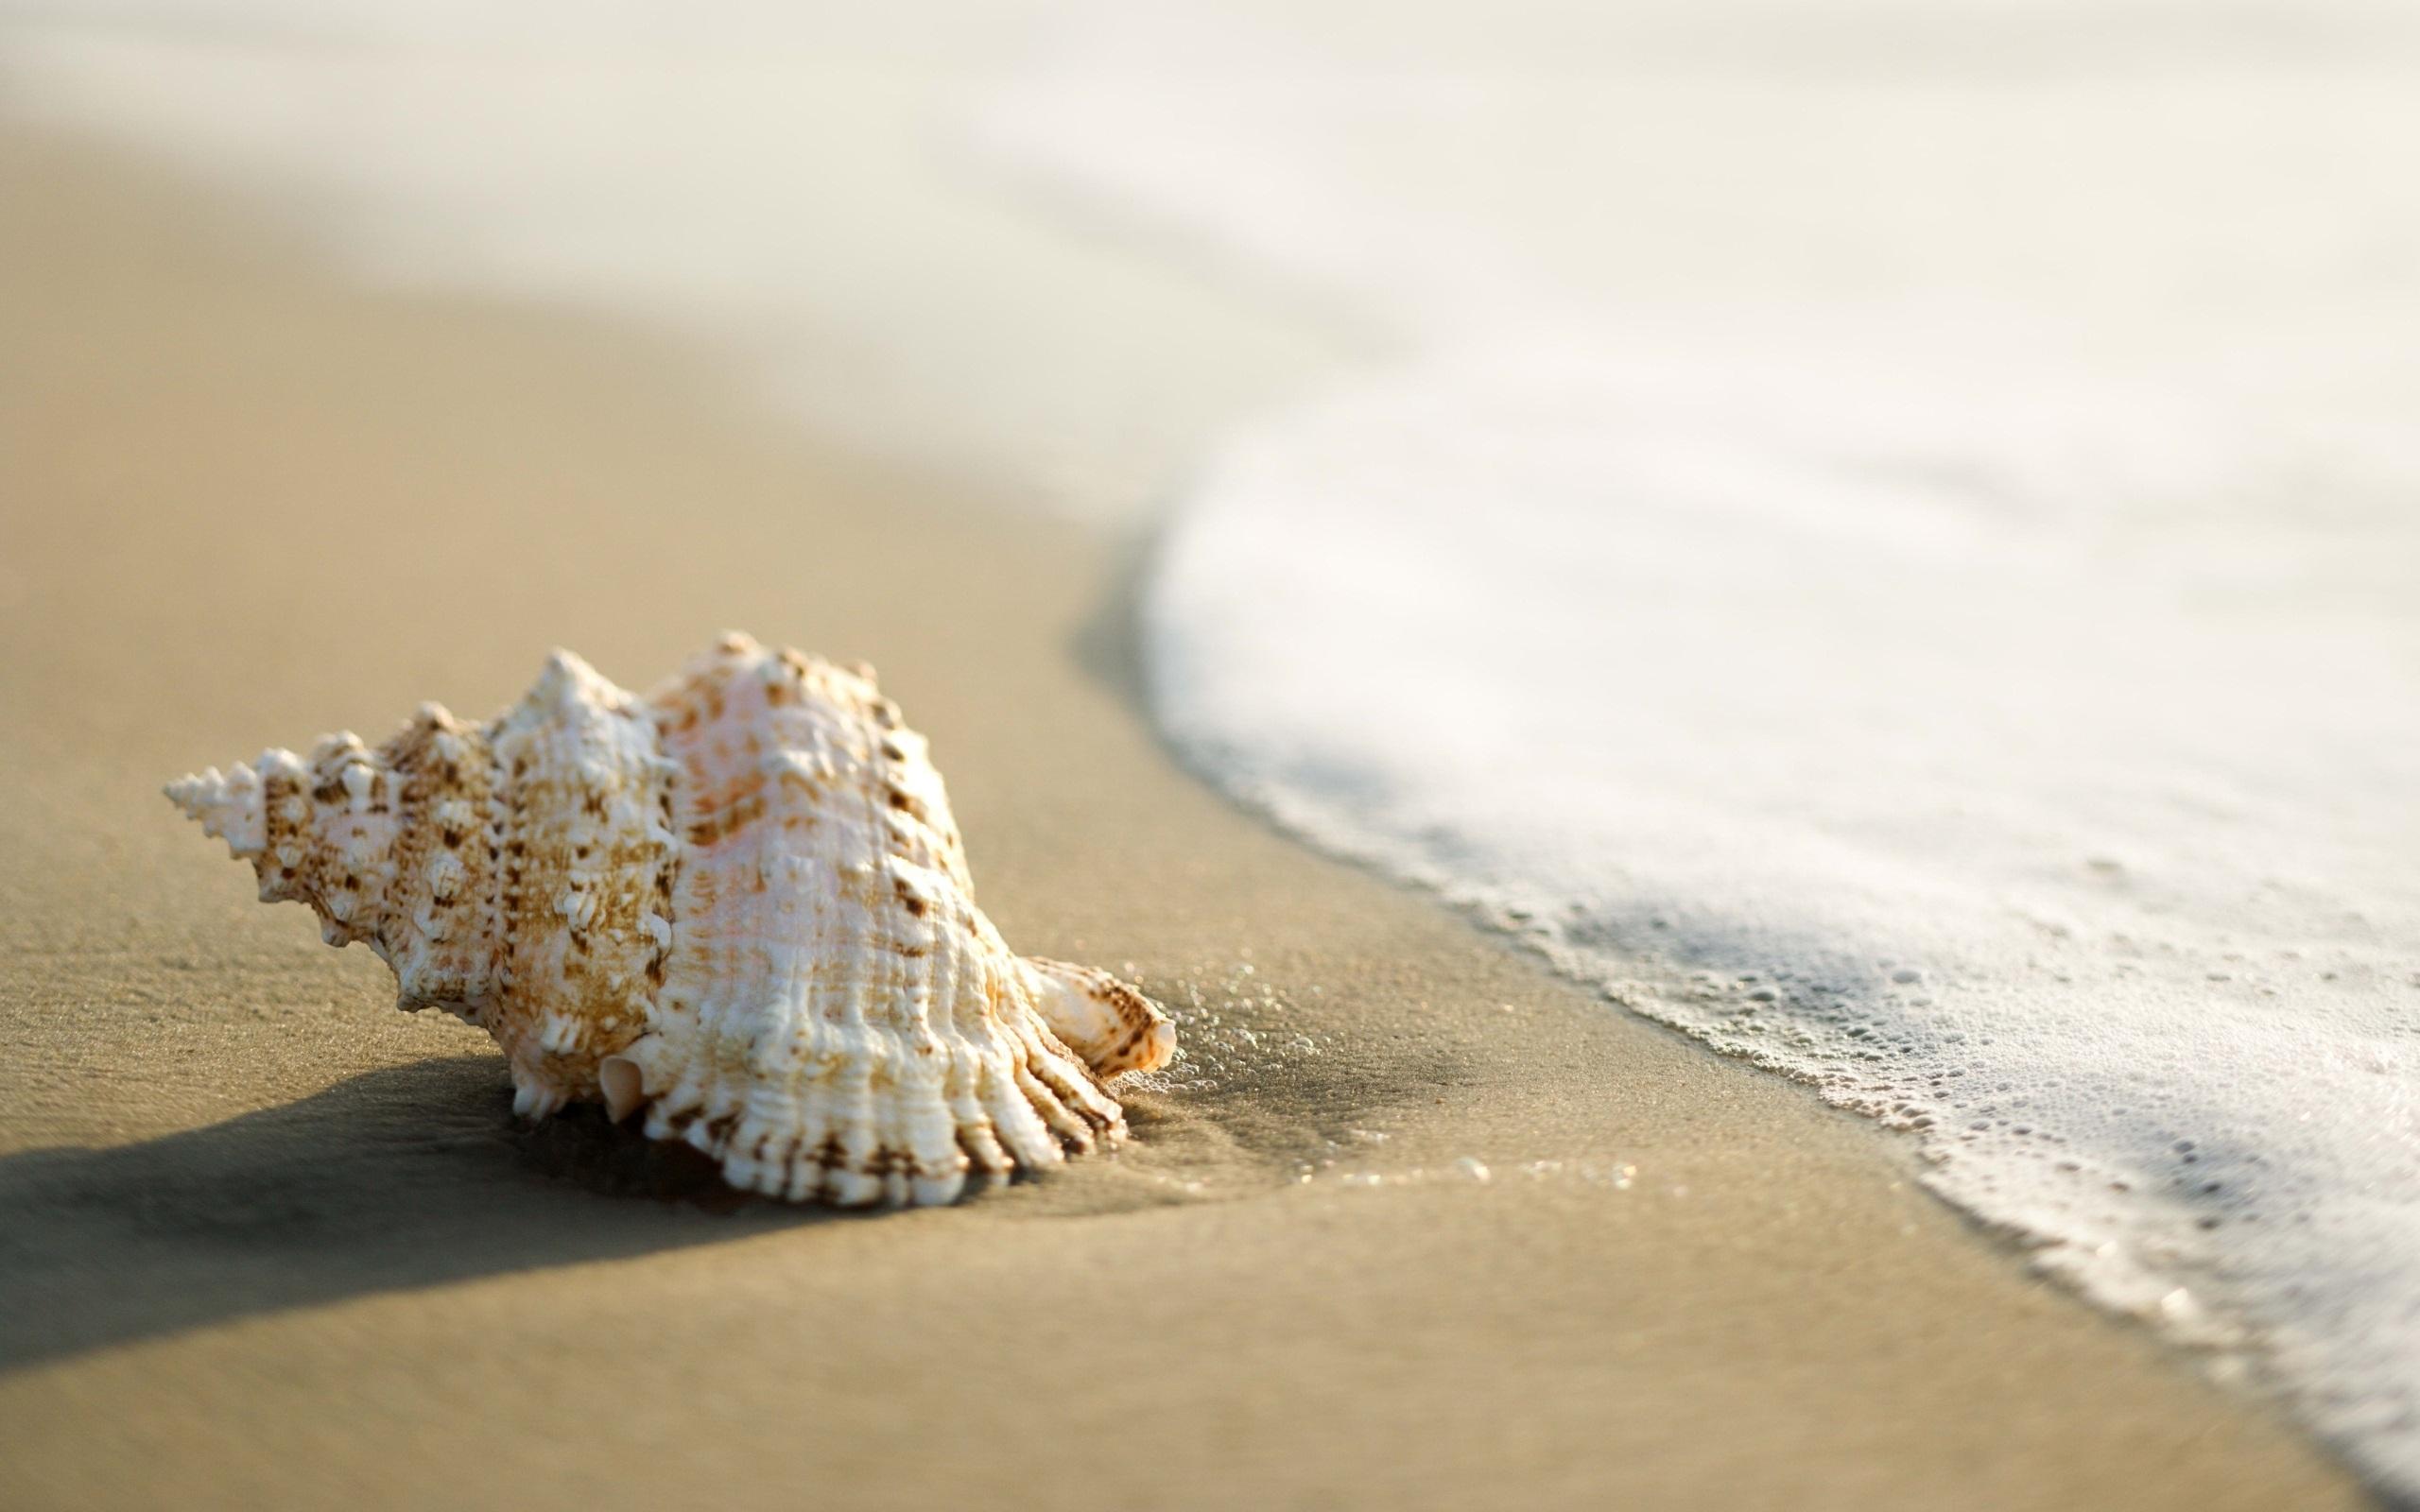 Beach-Ocean-Sand-Sea-Shell-sunny-day